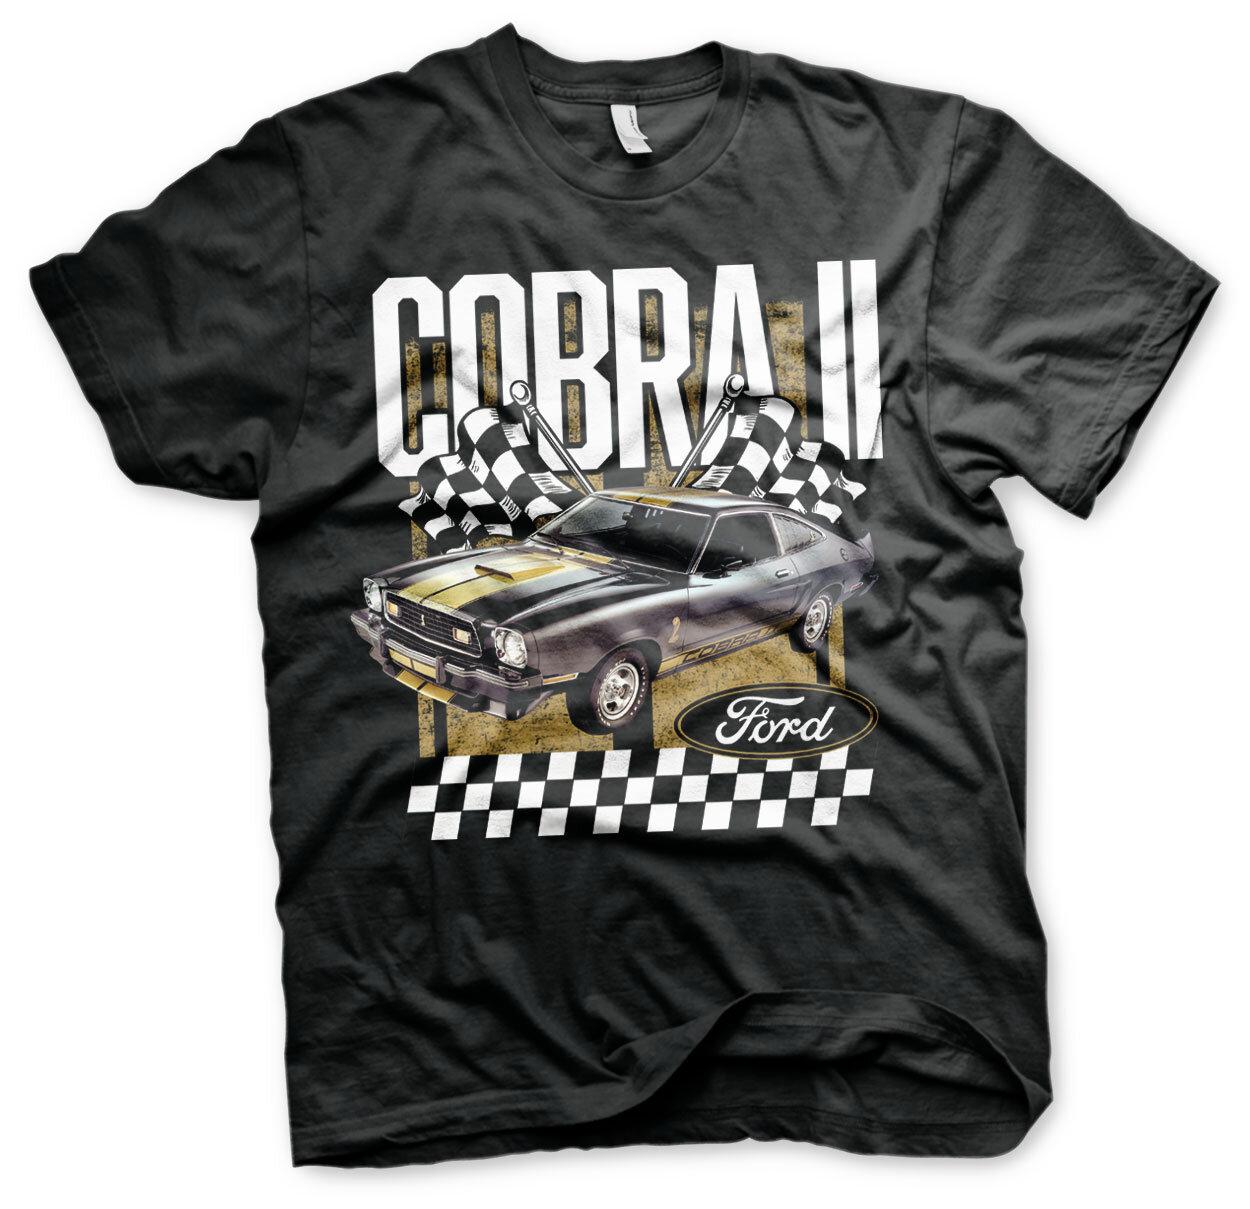 Ford Cobra II T-Shirt